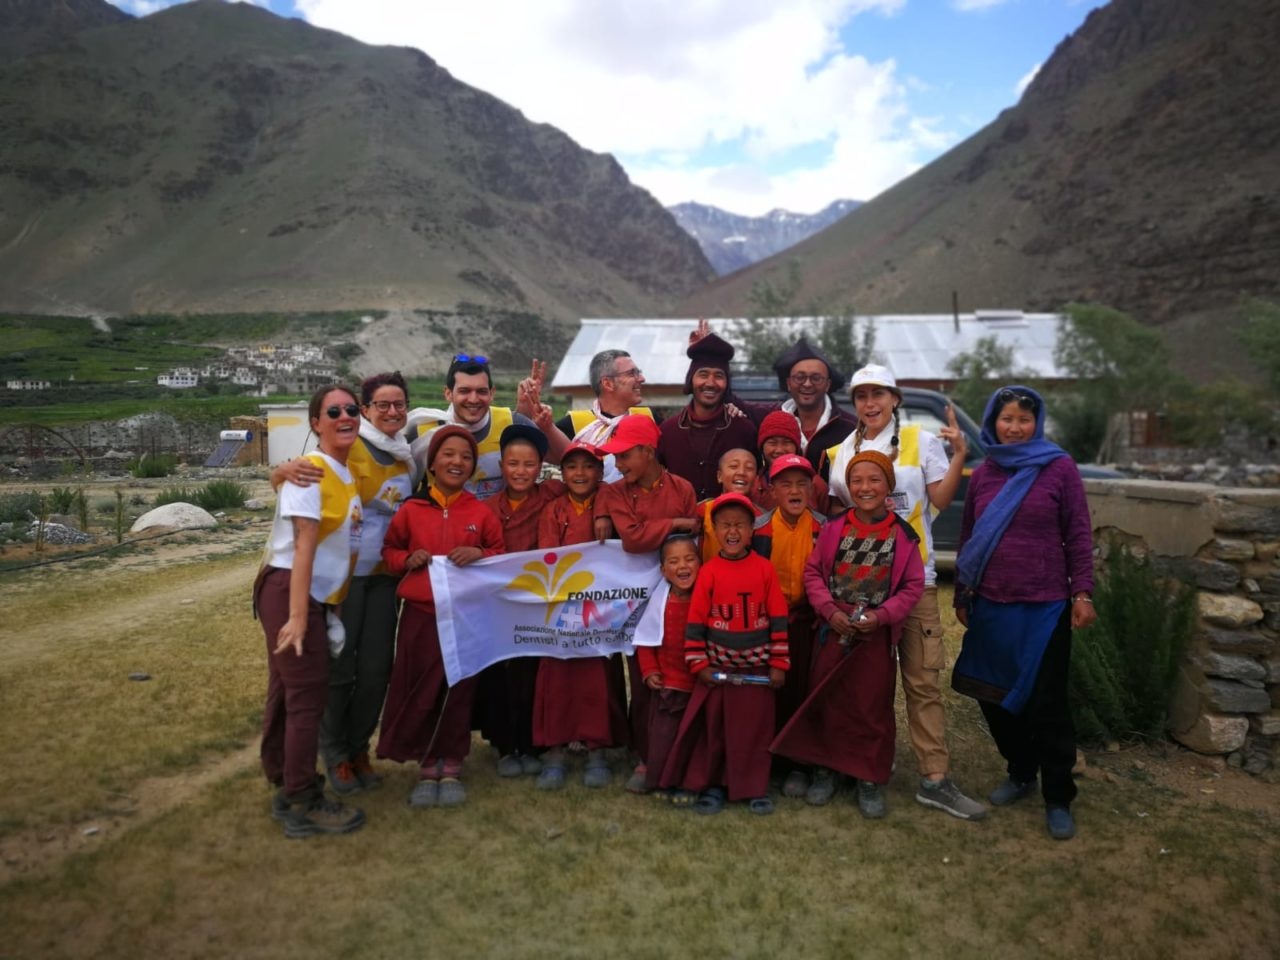 Ladakh 2019, missione compiuta!